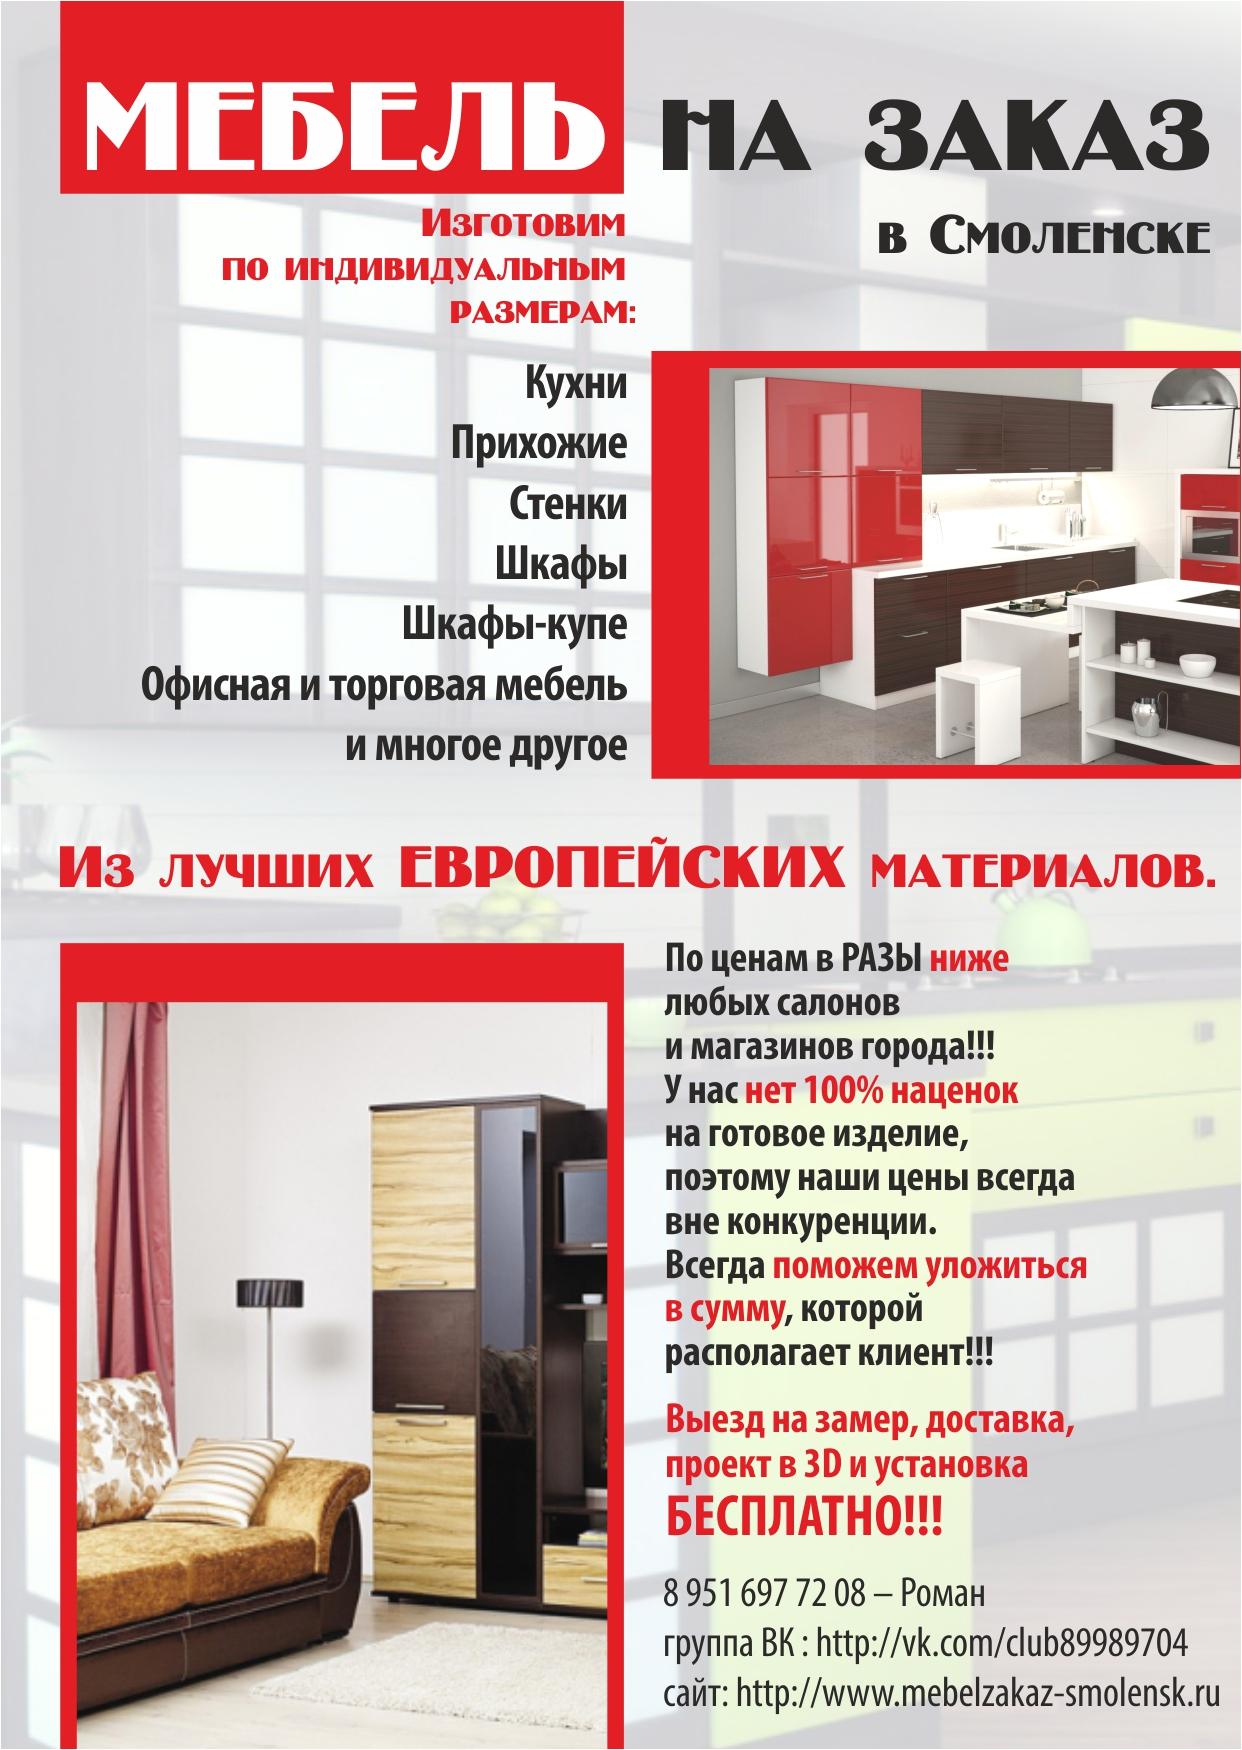 Оригинальный текст рекламы мебели на заказ яндекс директ дать объявление бесплатно